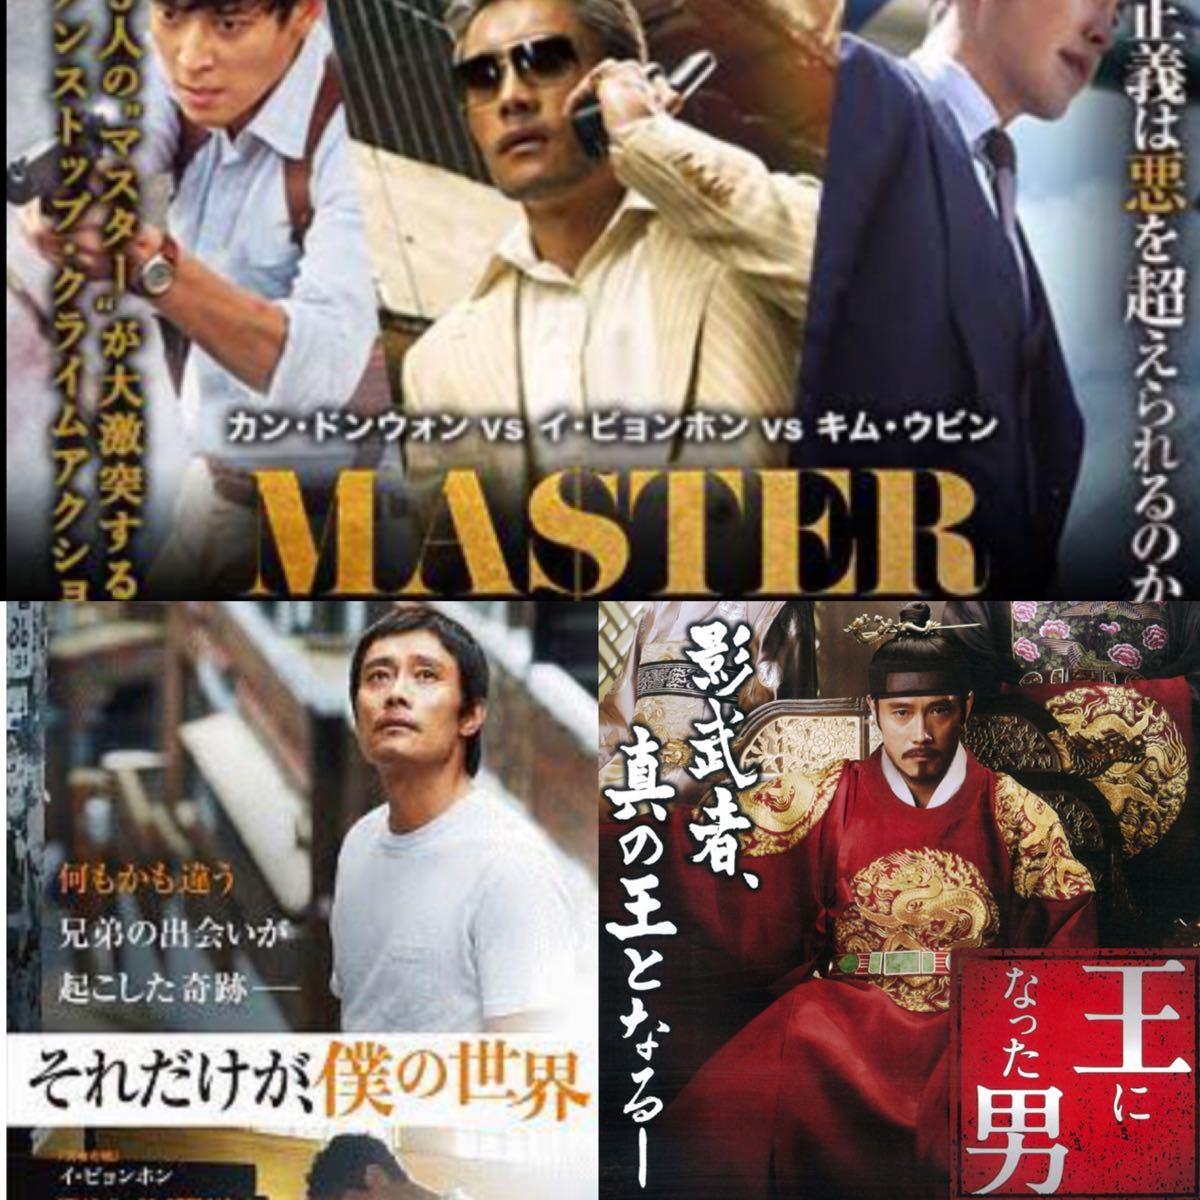 韓国映画  イ・ビョンホン  出演映画  DVD  3点セット  日本語吹替有り  レーベル有り  入替可能です